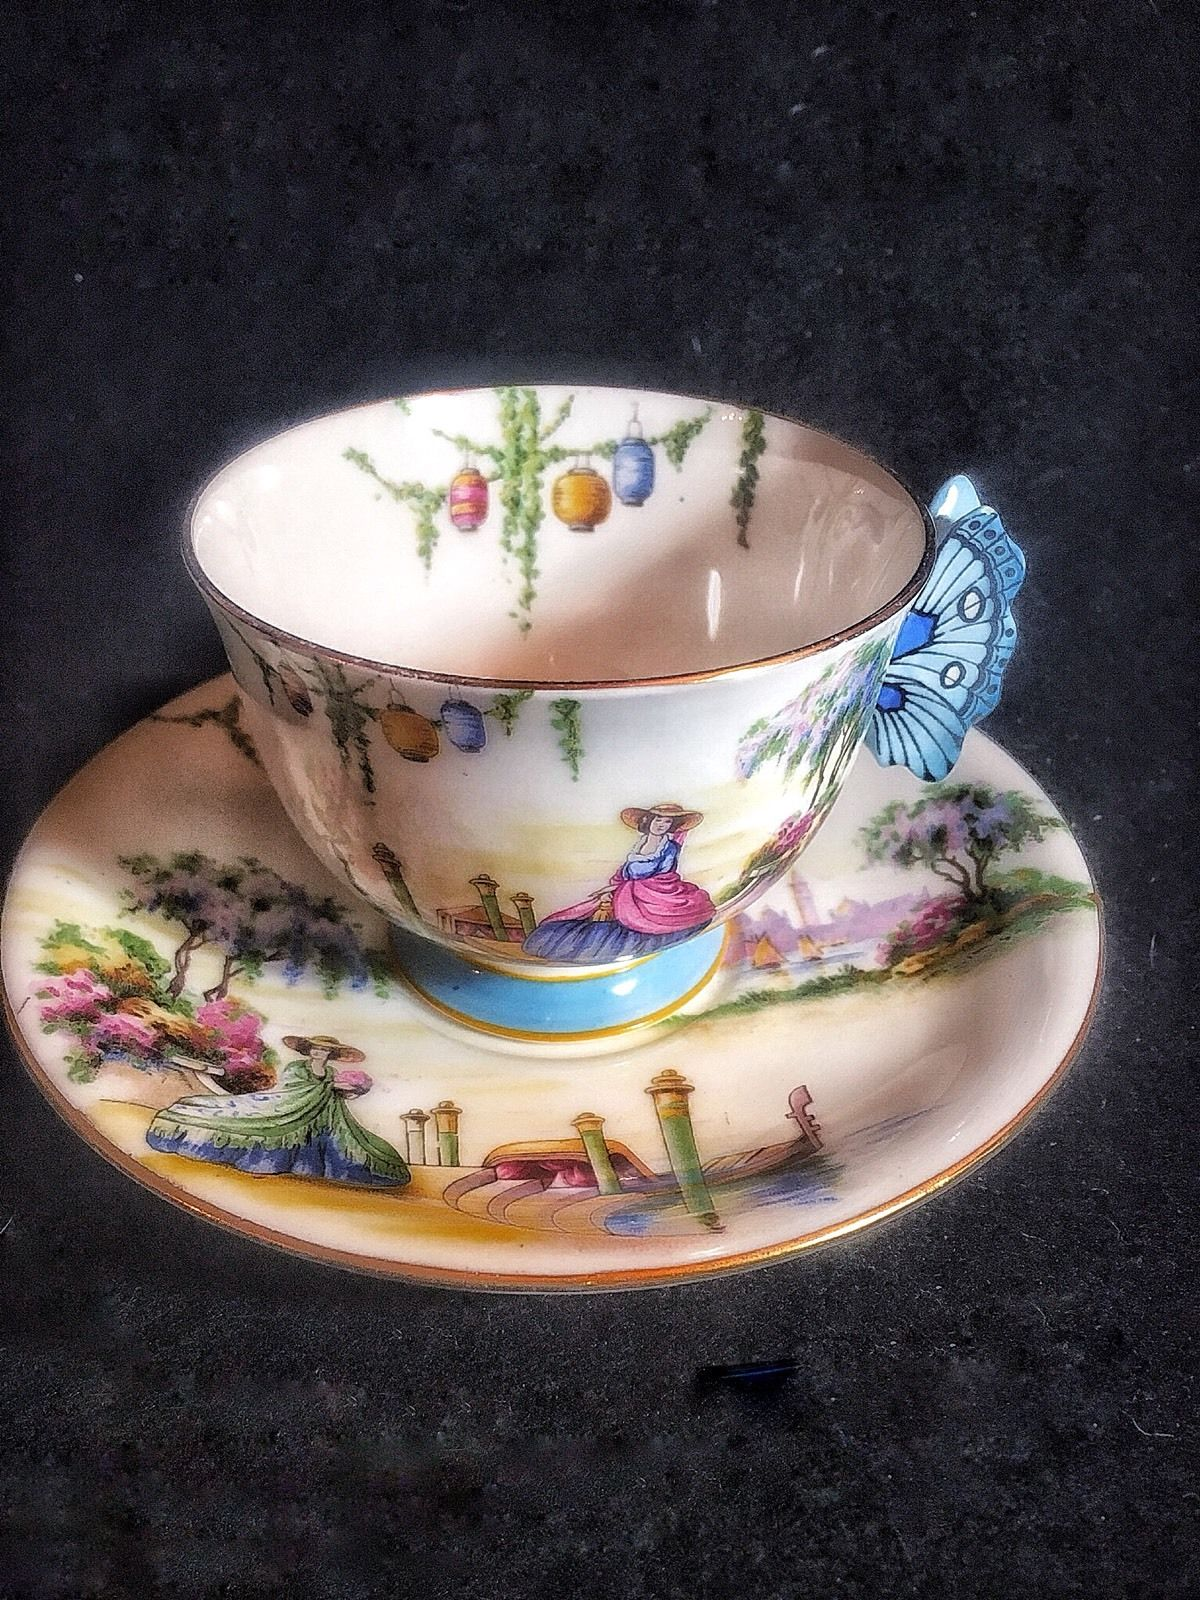 エインズレイティーカップ&ソーサー「ベネチア女性とバタフライハンドル」